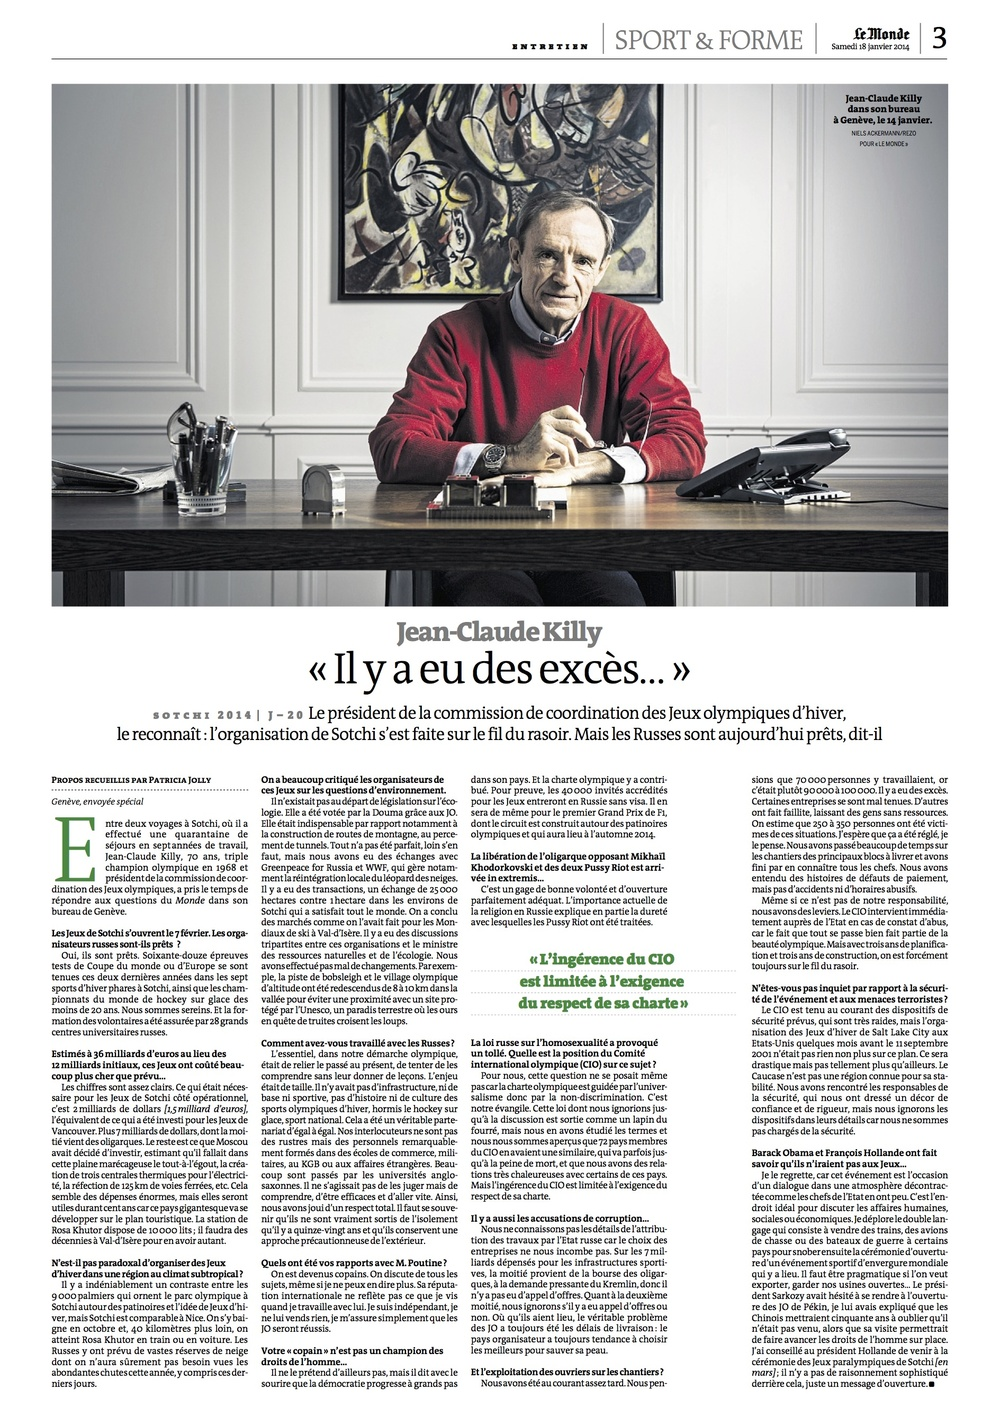 Le Monde 18 janvier 2014-2.jpg